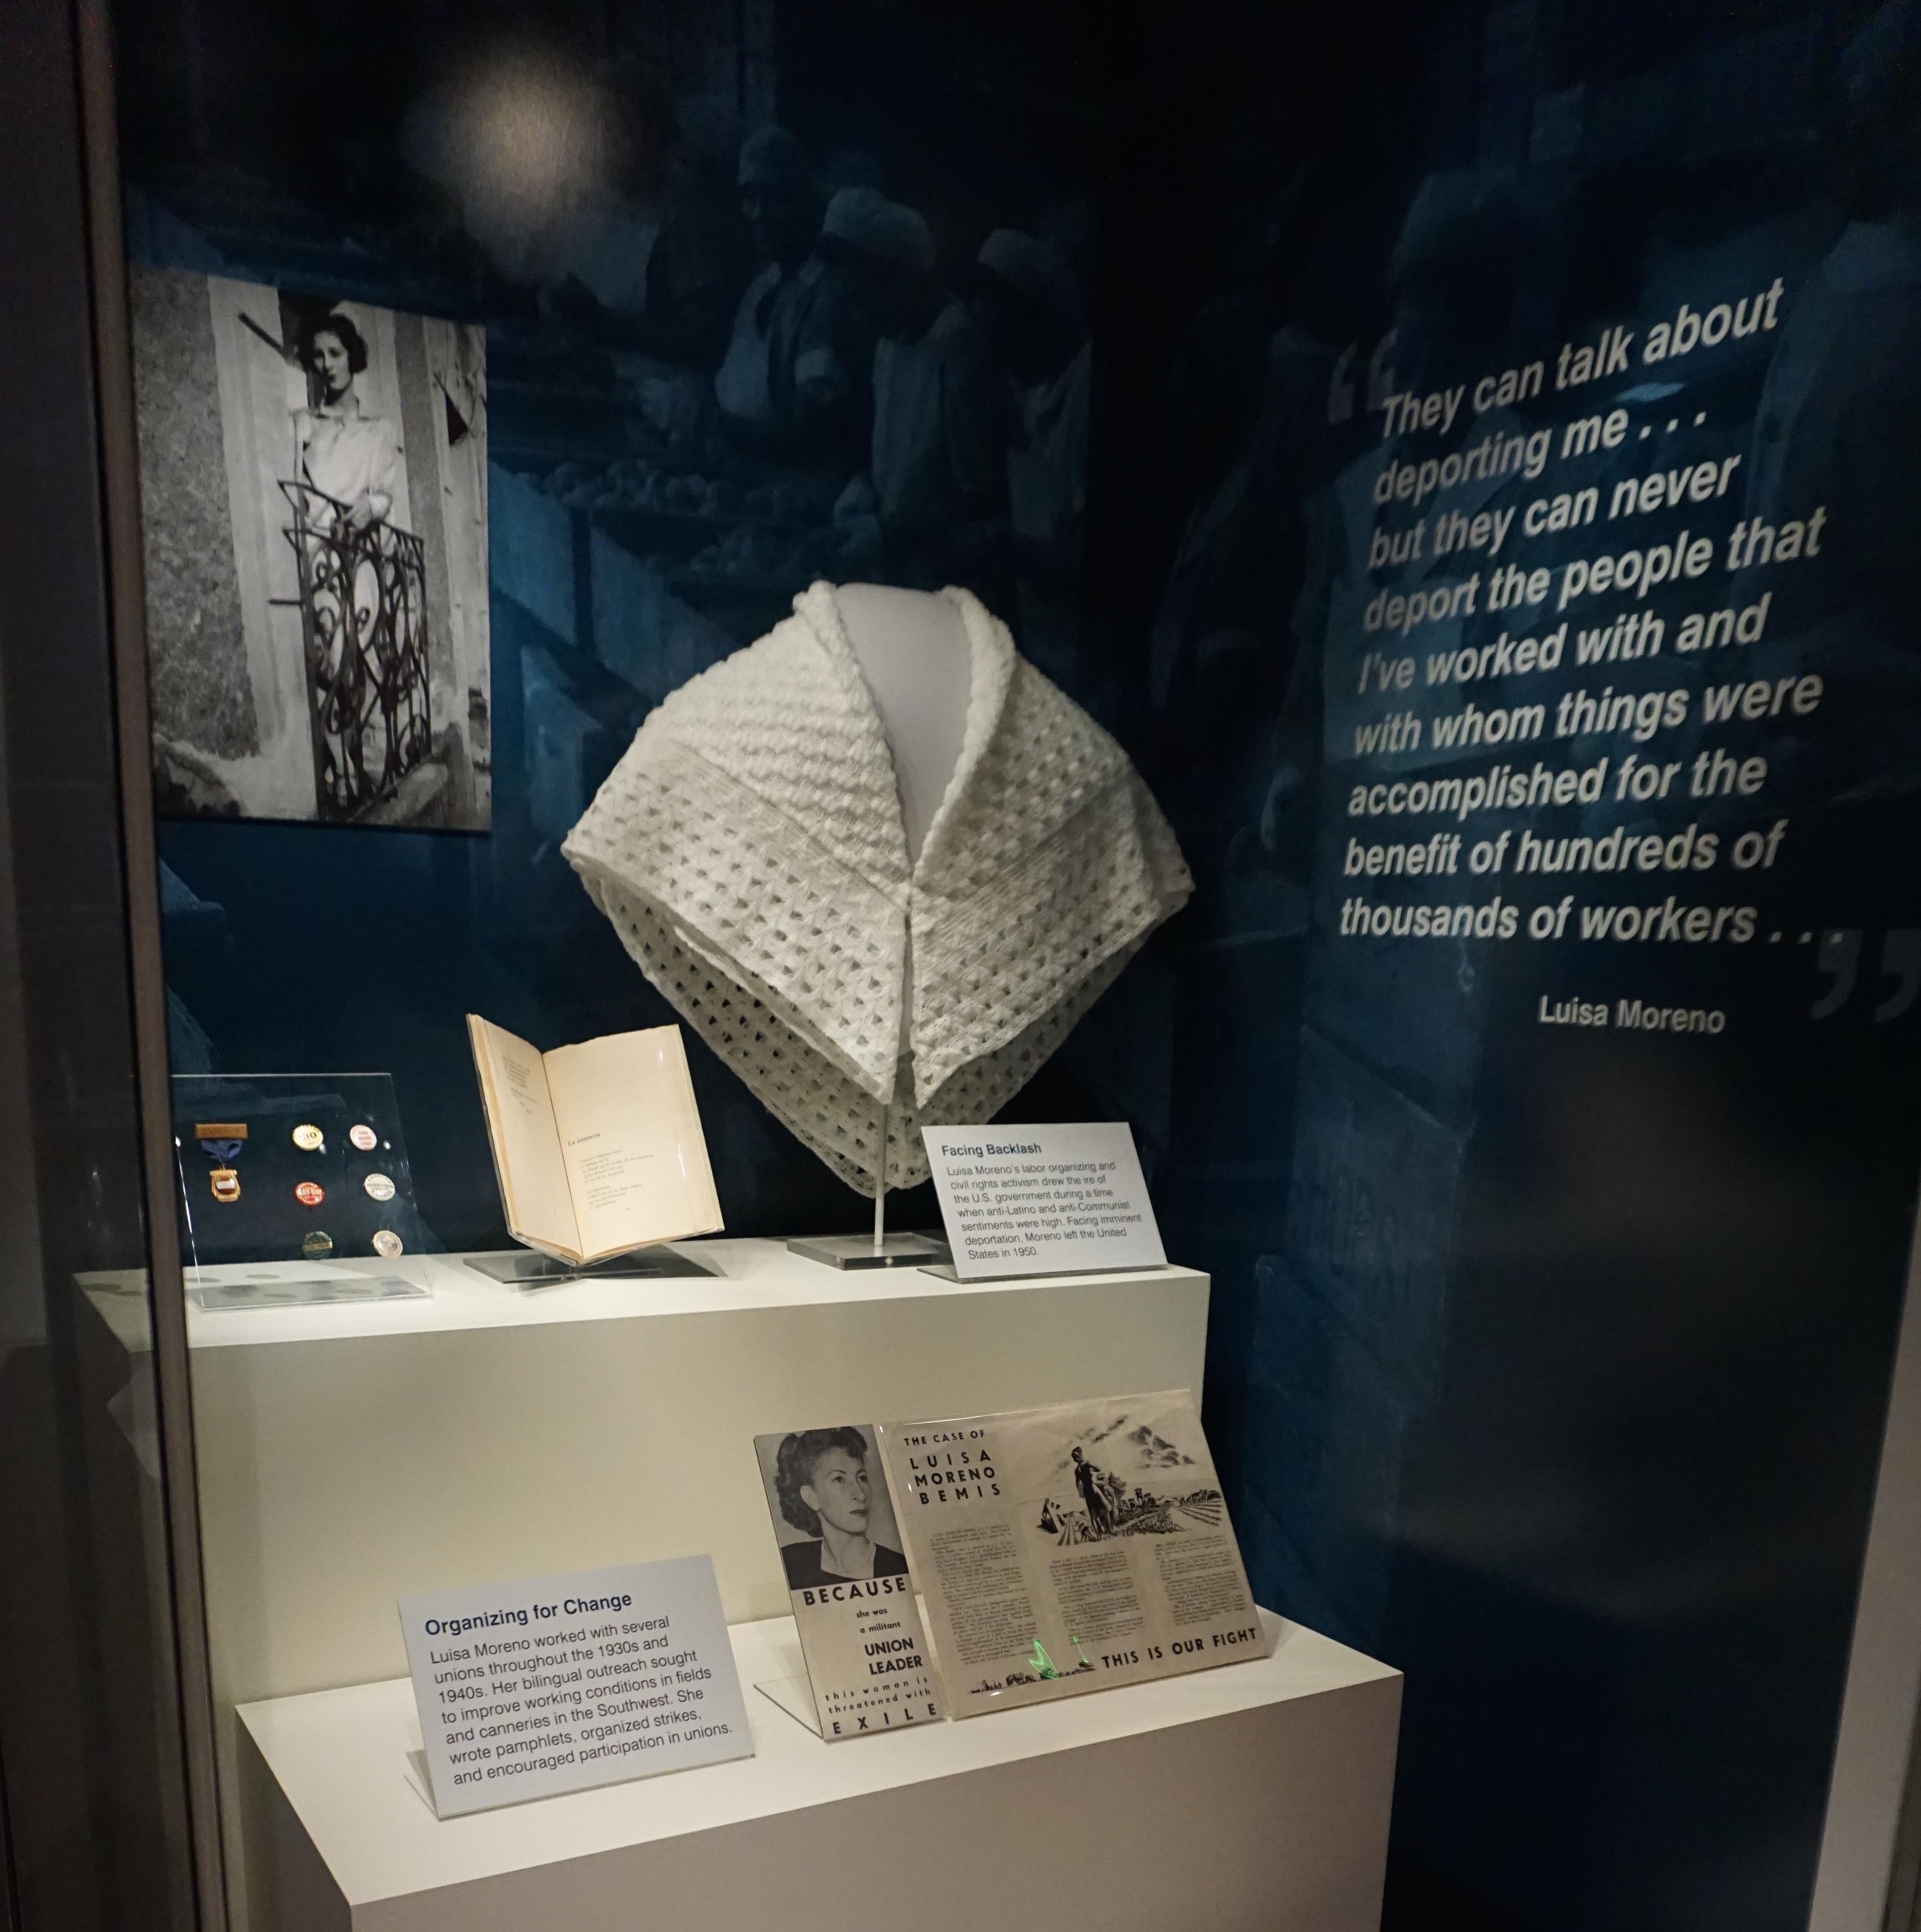 Display of Luisa Moreno